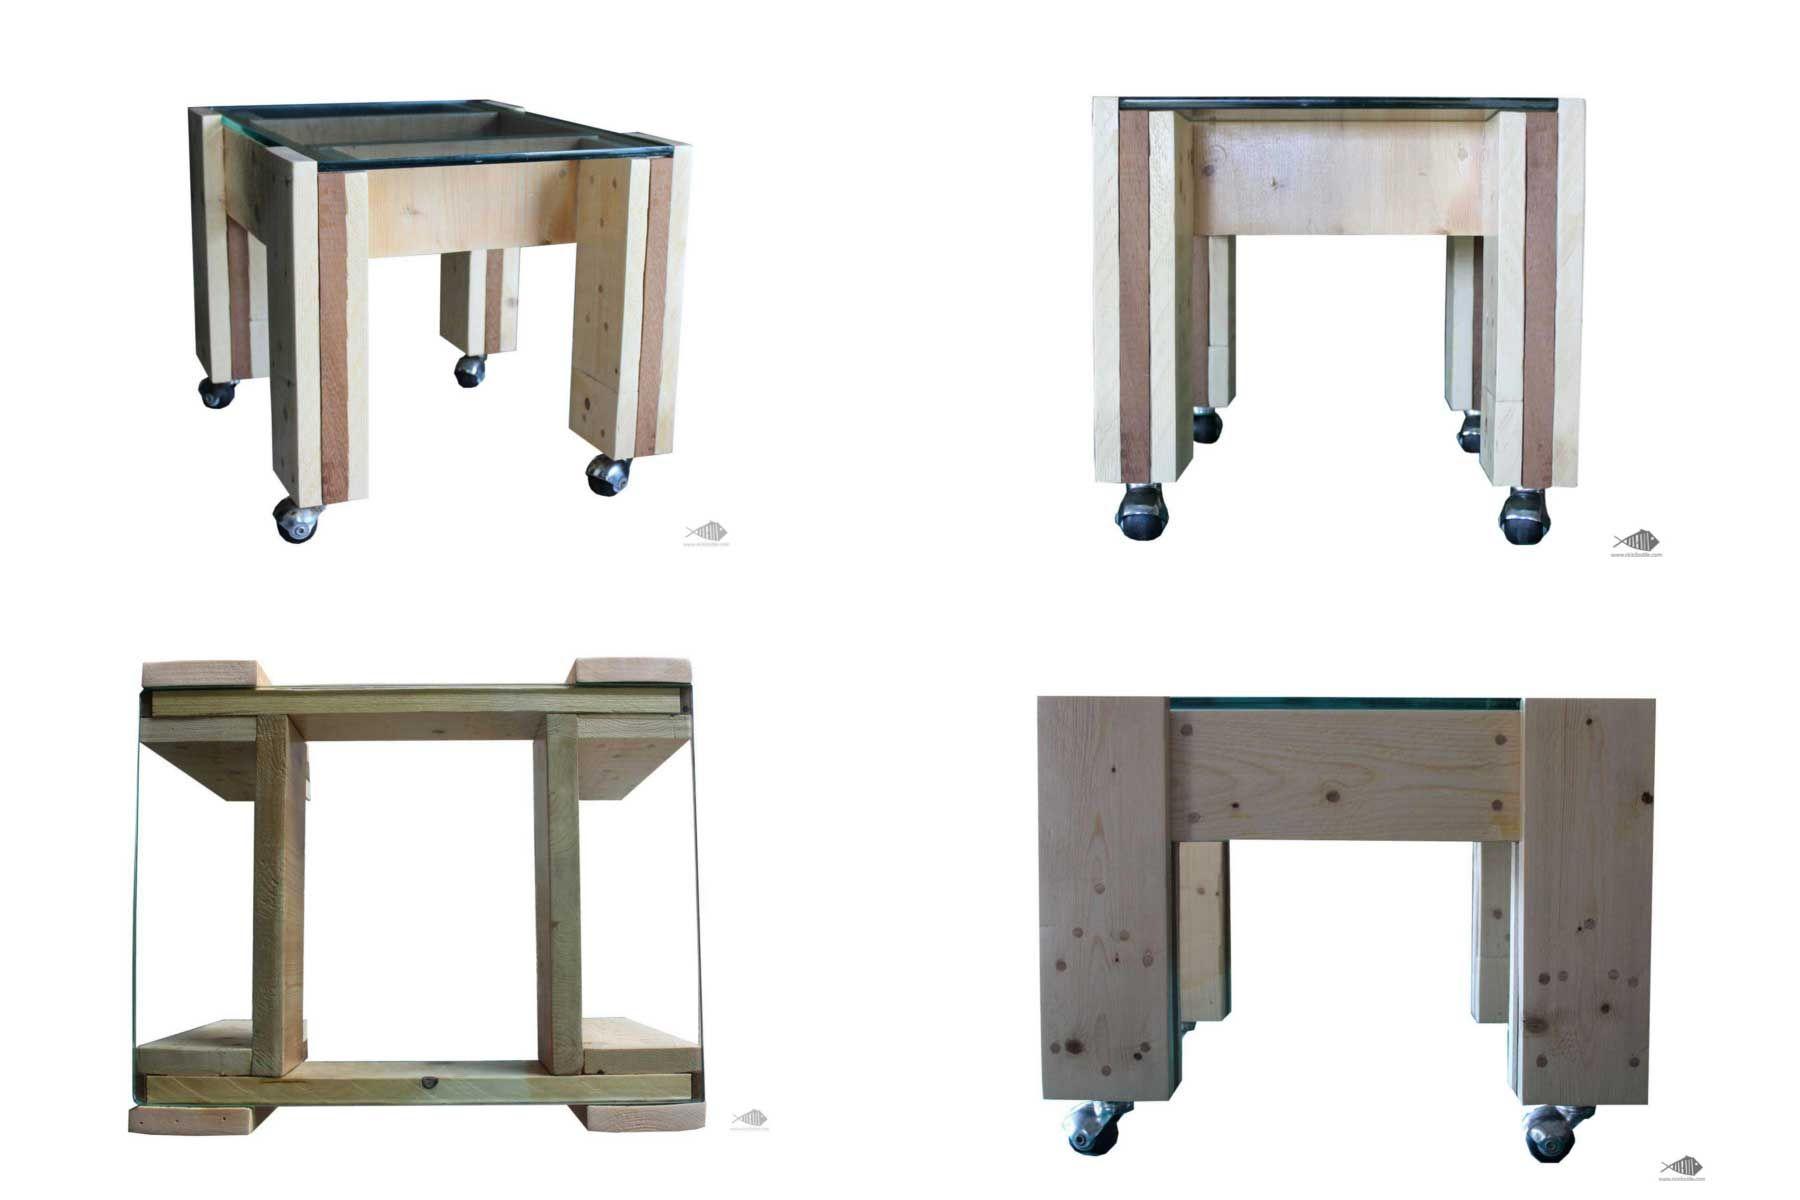 Spyder Tavolo ~ Spider tavolino in legno di pallet e vetro riciclato tavolo